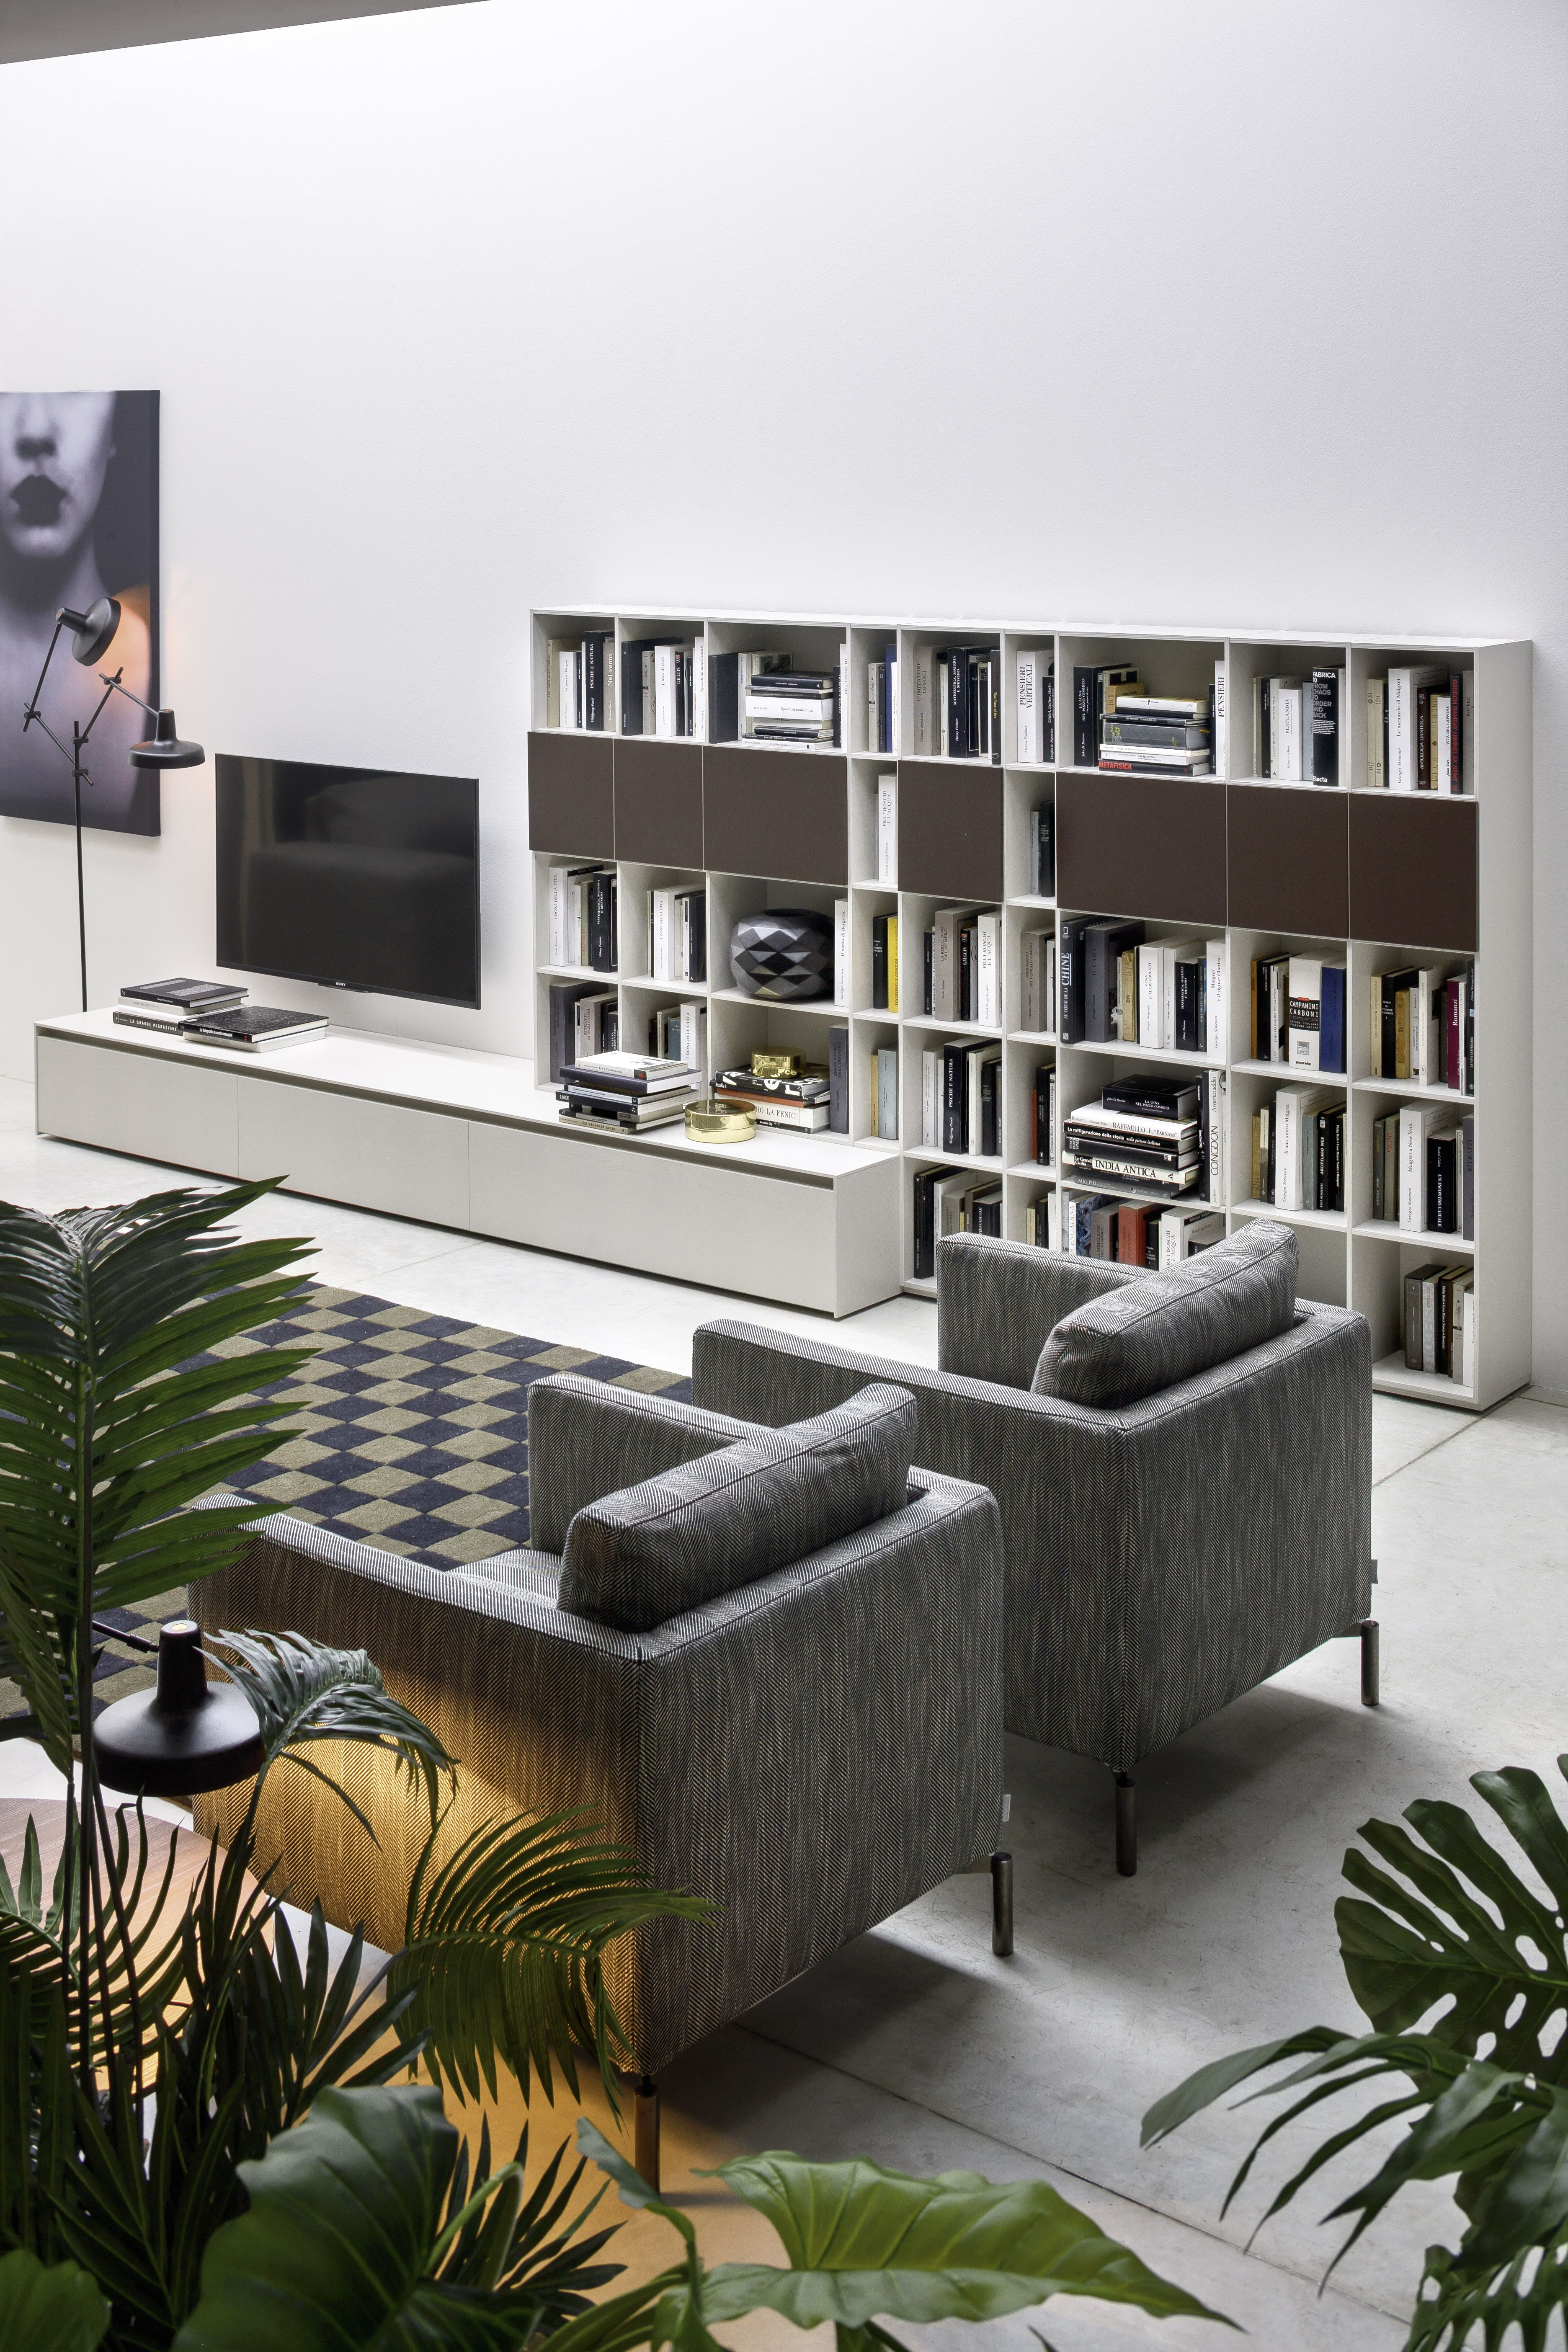 Gemütlich Wohnzimmer Mit Sessel, Bücherregal, TV Lowboard Und Pflanzen.  Design Novamobili Italien.